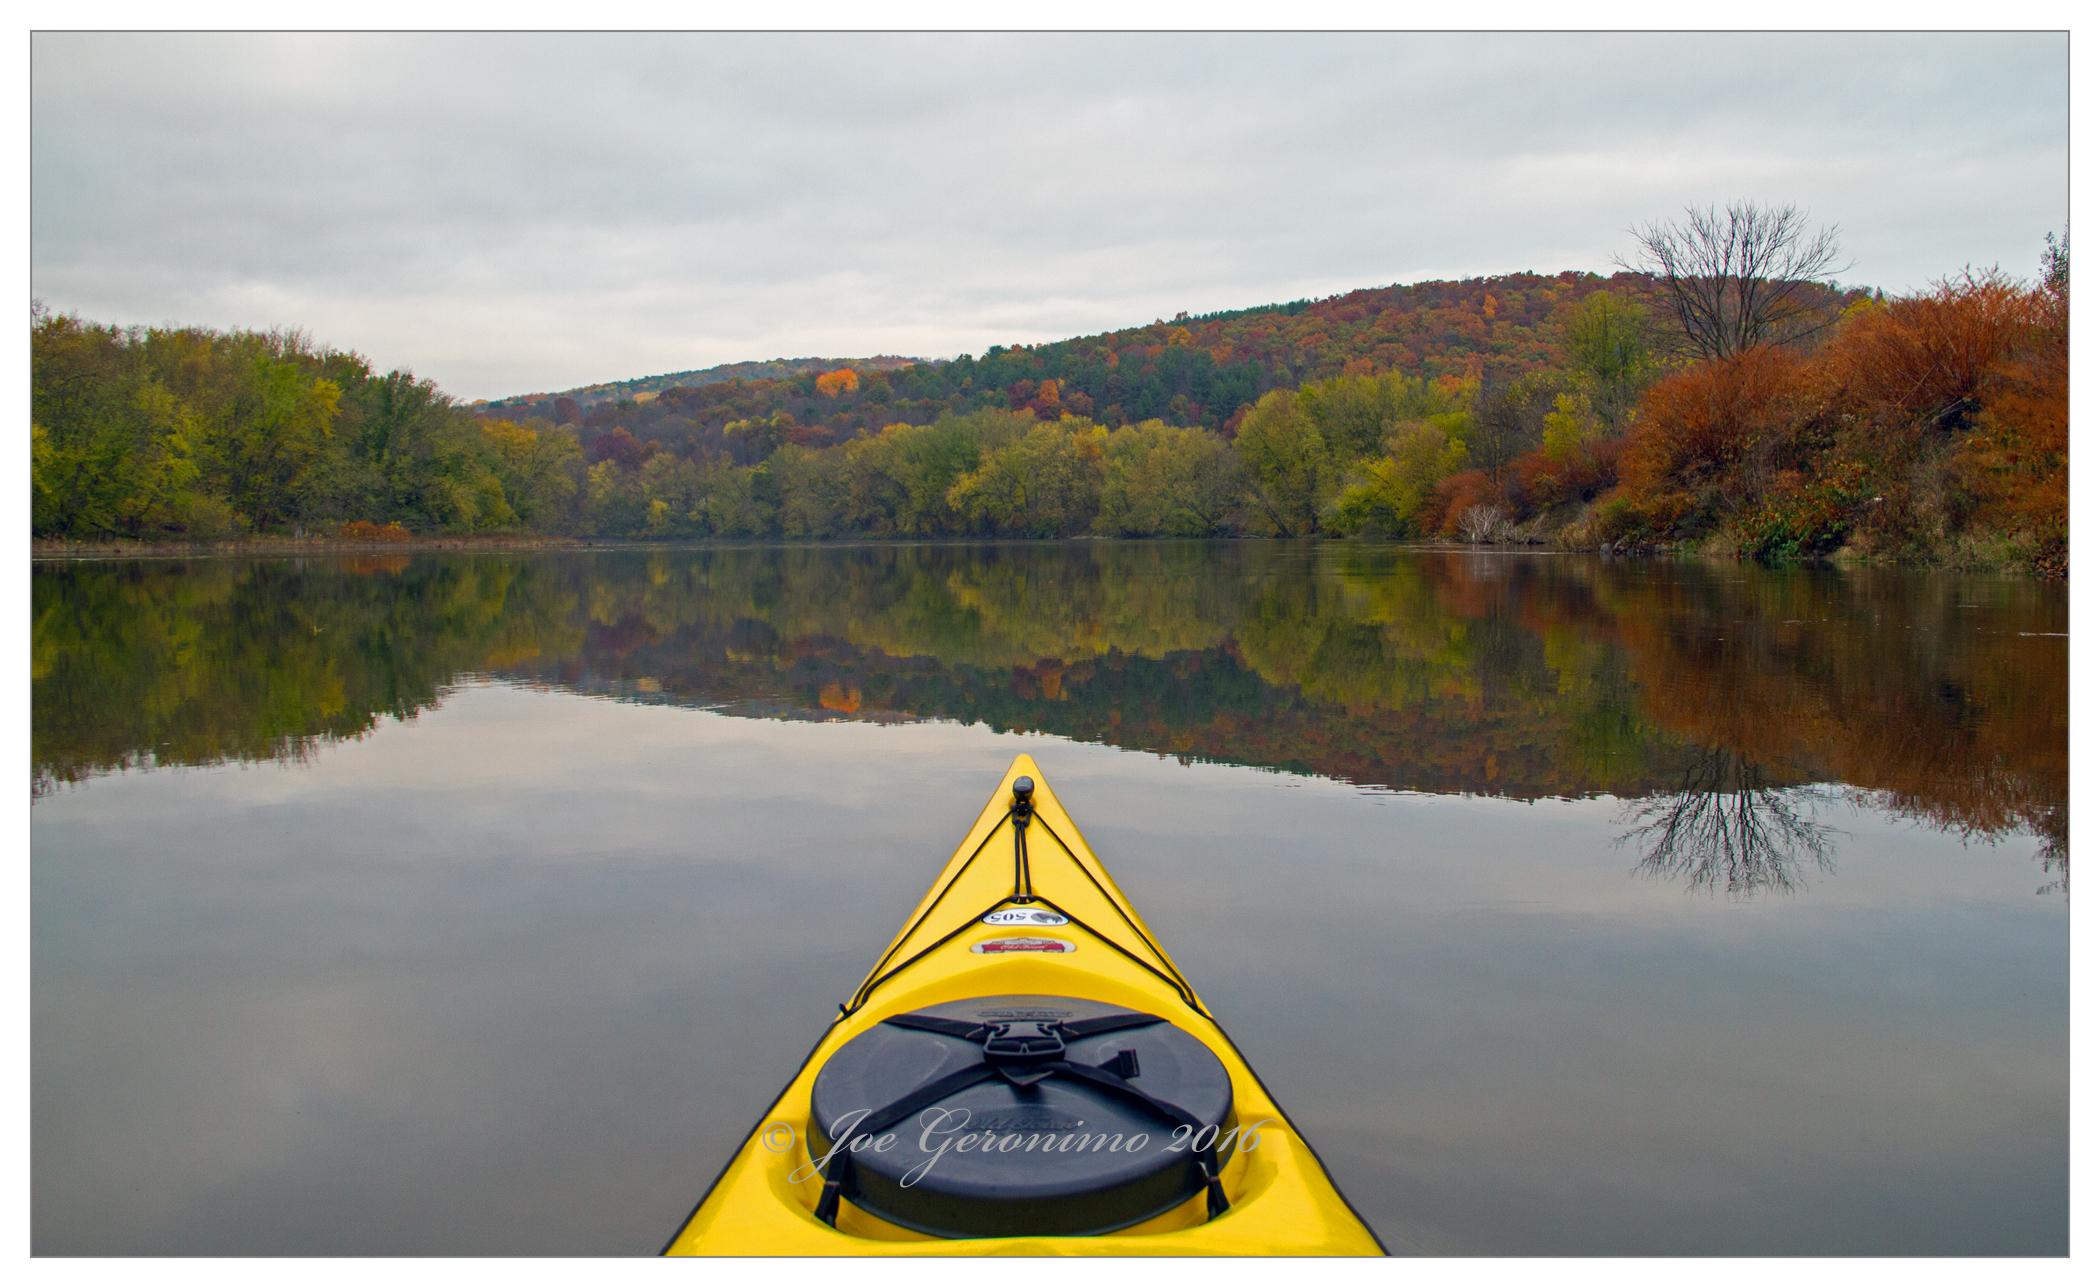 Along the Susquehanna river Apalachin, NY October 30th 2016. Image © Joe Geronimo